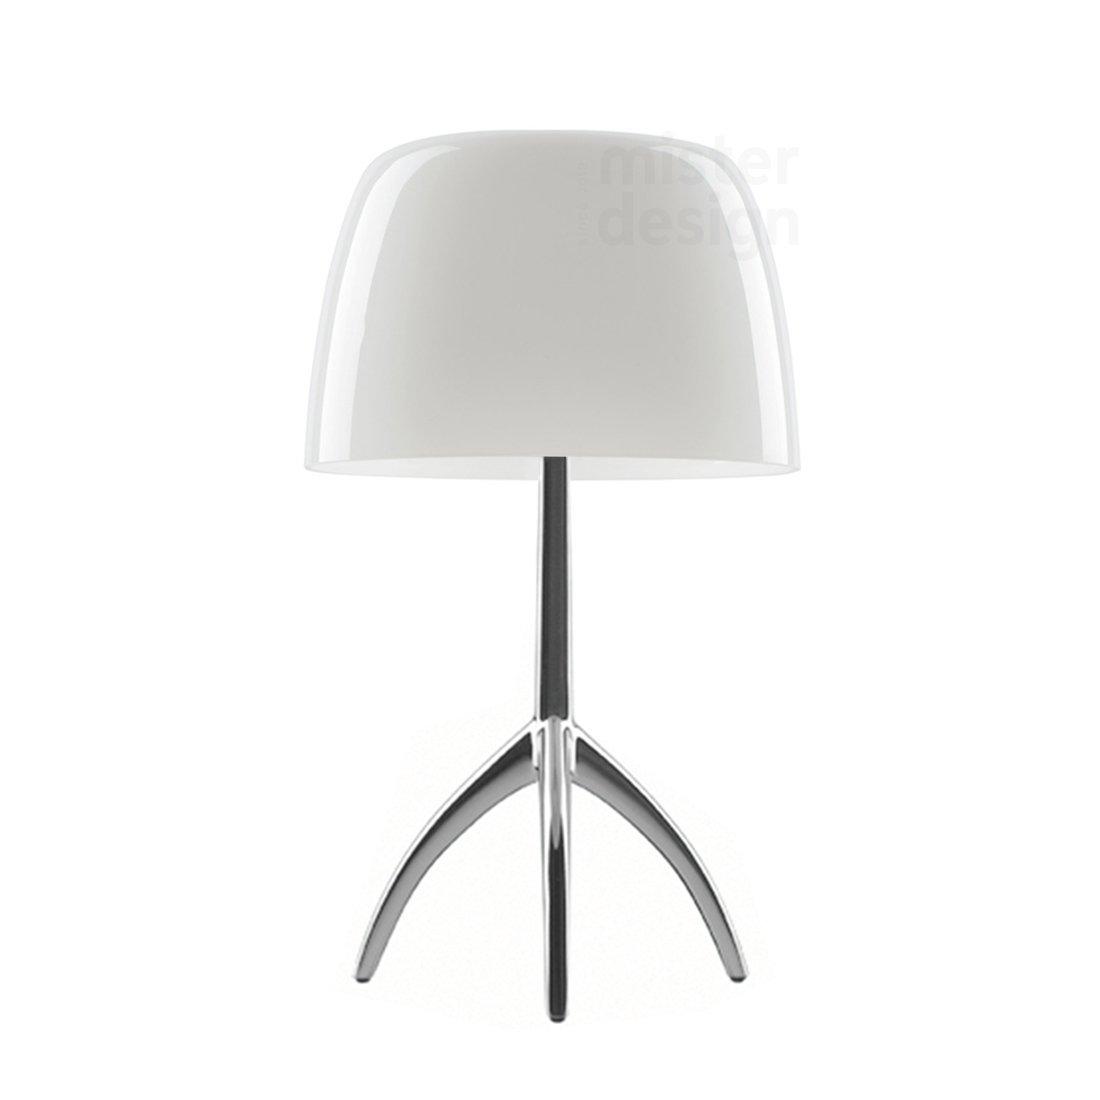 Foscarini Lumiere Tafellamp Wit - Aluminium Dimbaar